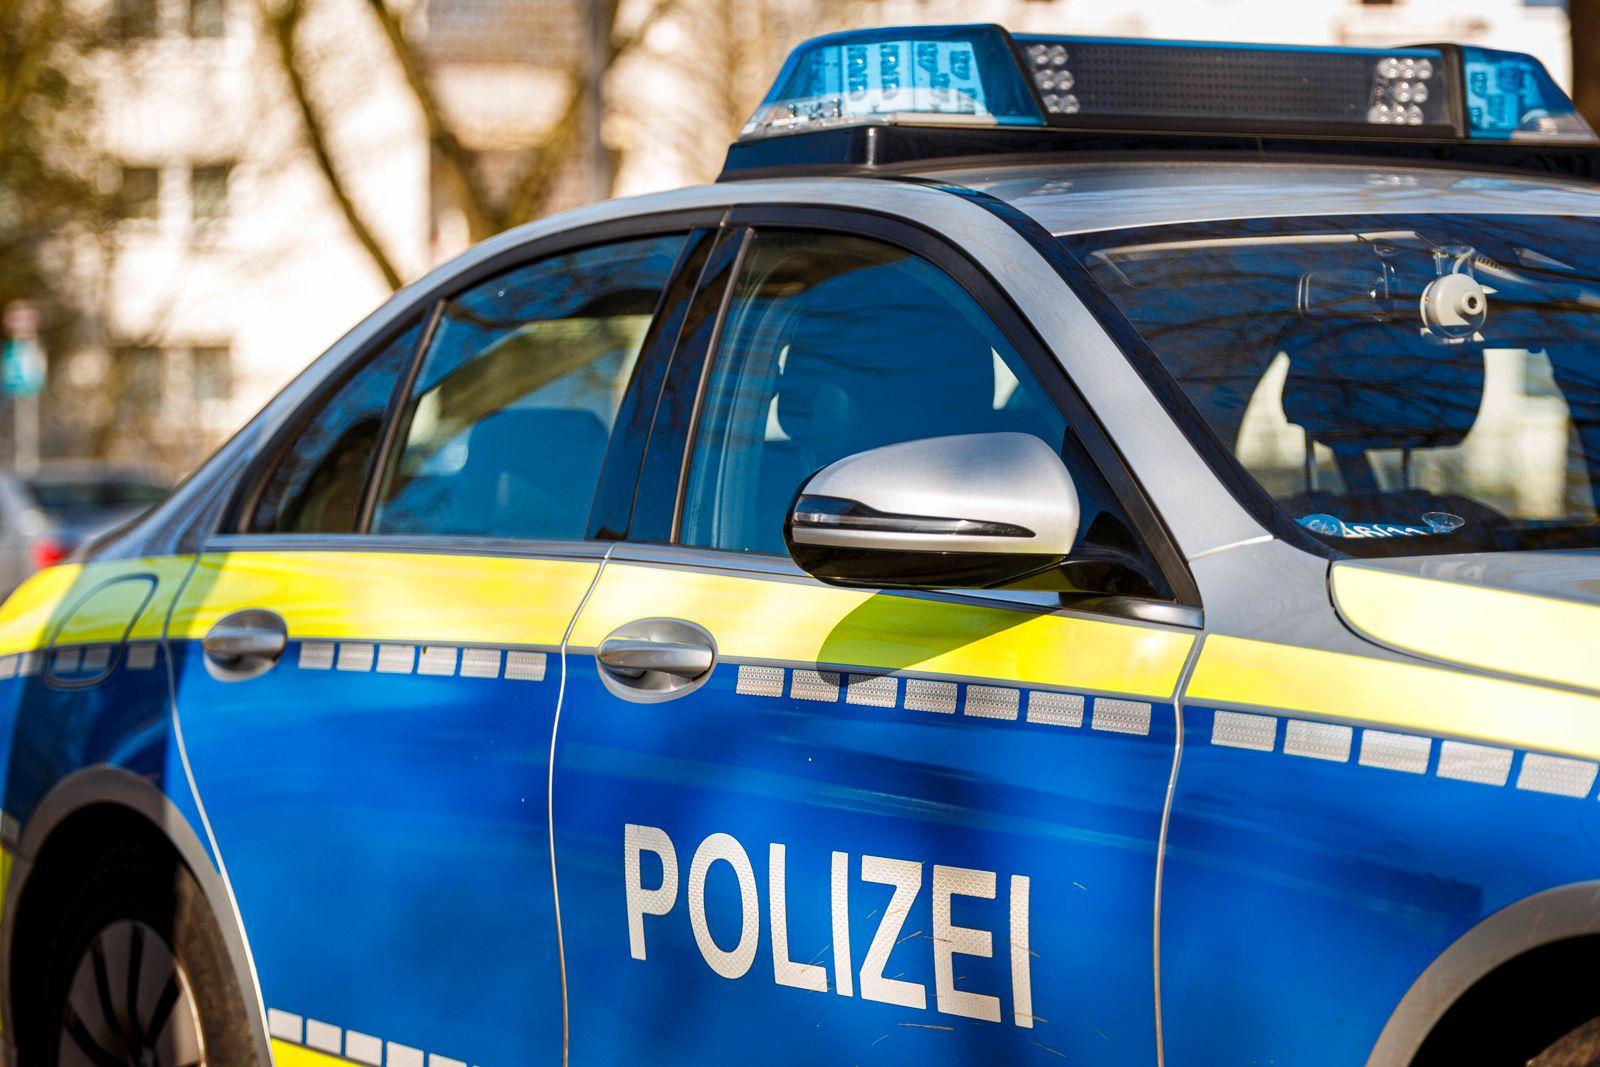 Polizeifahrzeug in Hamburg Symbolfoto Polizeiauto. Aufgenommen am 25.03.2020 in Hamburg. Hamburg Deutschland *** Police